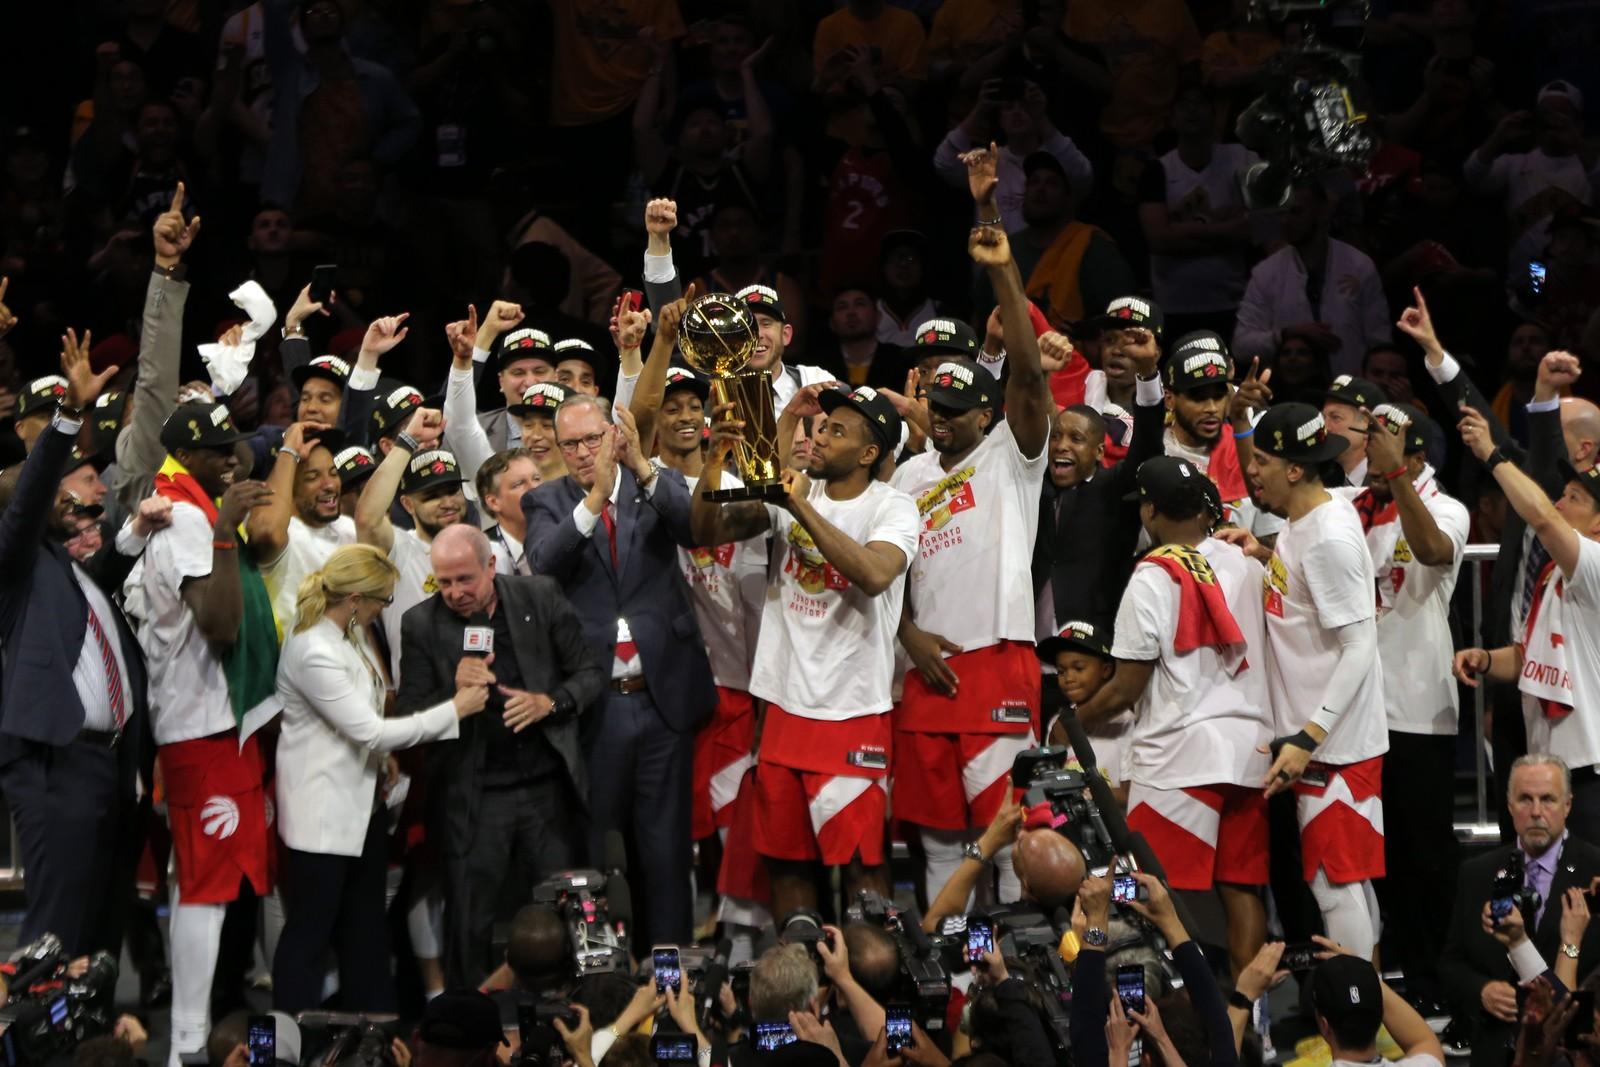 NBA. FINAL. SEXTO JOGO. TORONTO RAPTORES. CAMPEÃO. PRIMEIRA VEZ. GOLDEN STATE WARRIONS. VICE-CAMPEÃO.